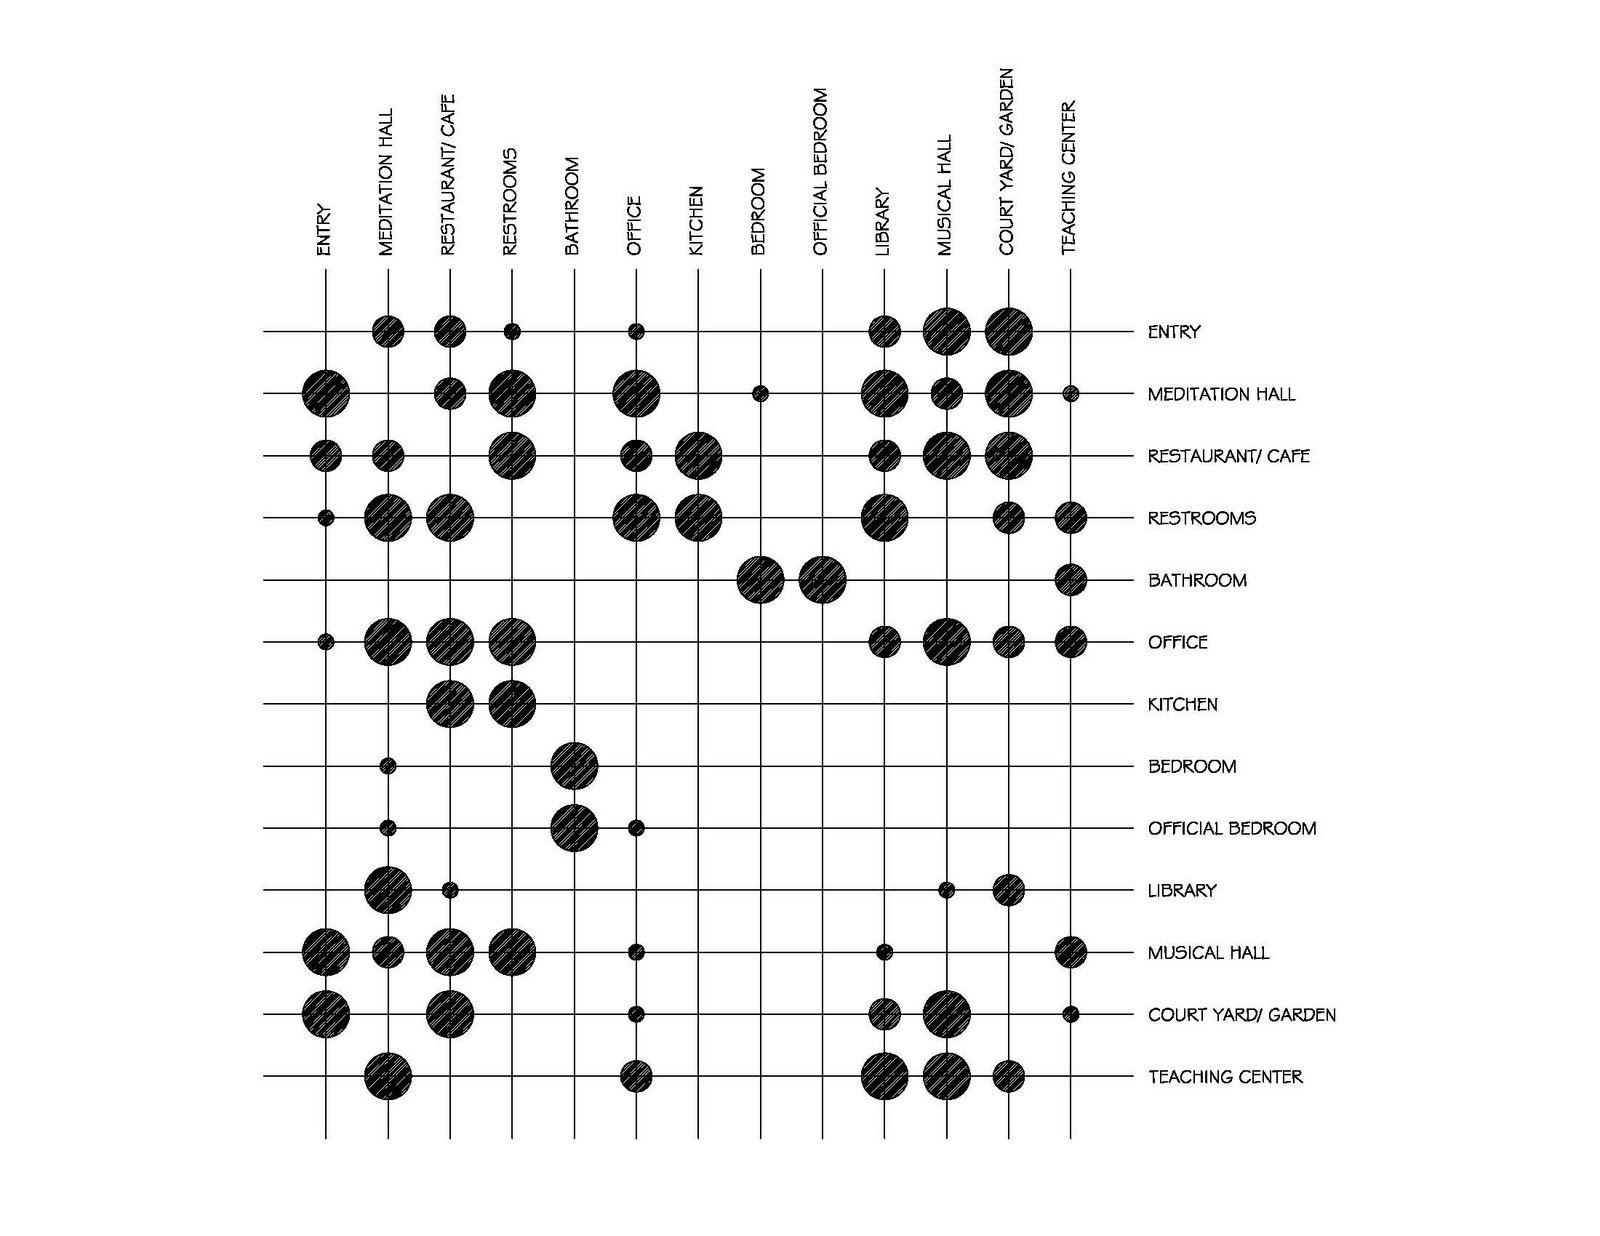 Matrix Diagram